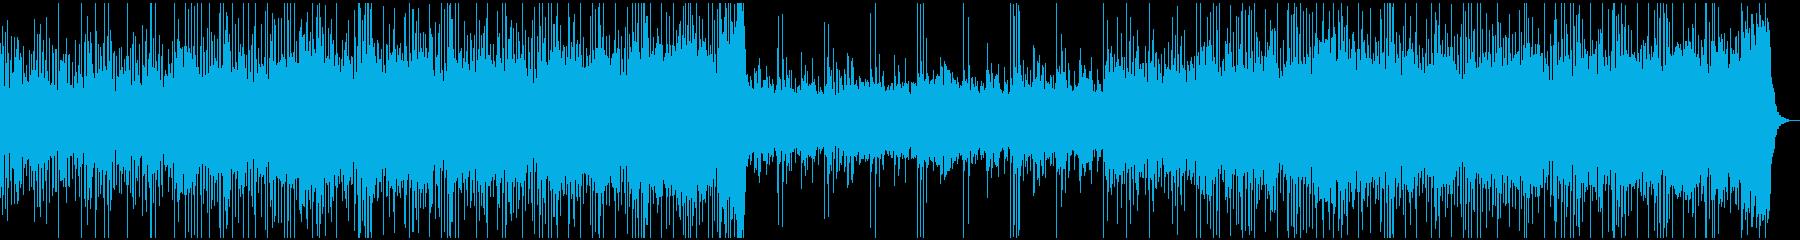 エルギター、ホーン、ピアノ、エレク...の再生済みの波形